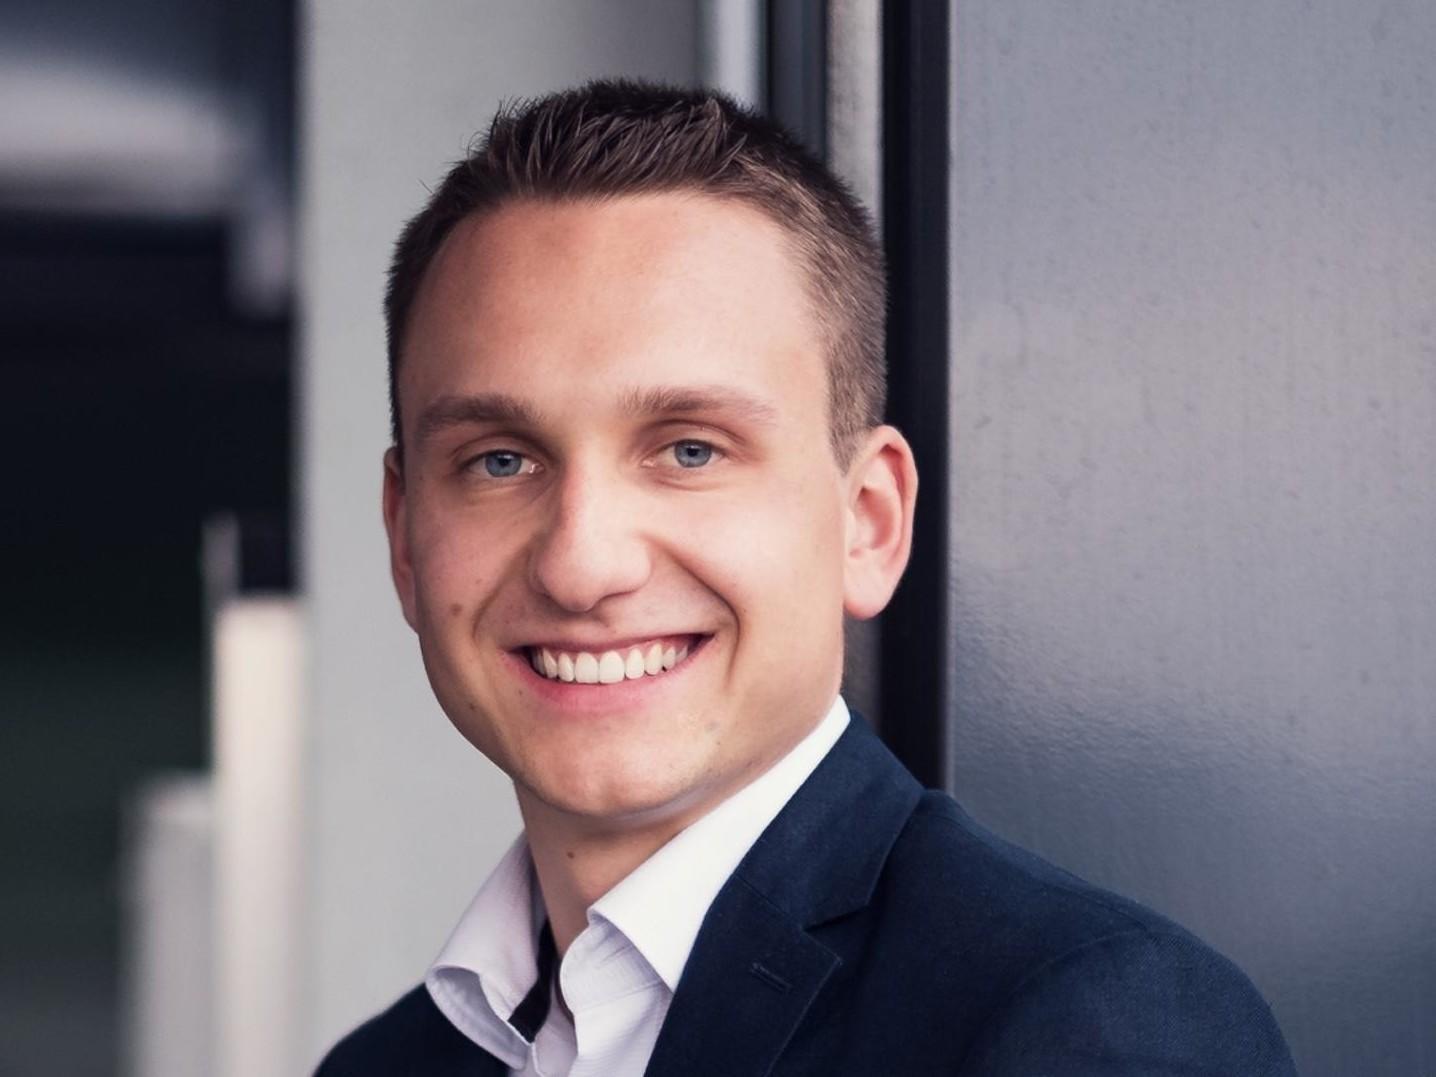 Markus Ronacher code